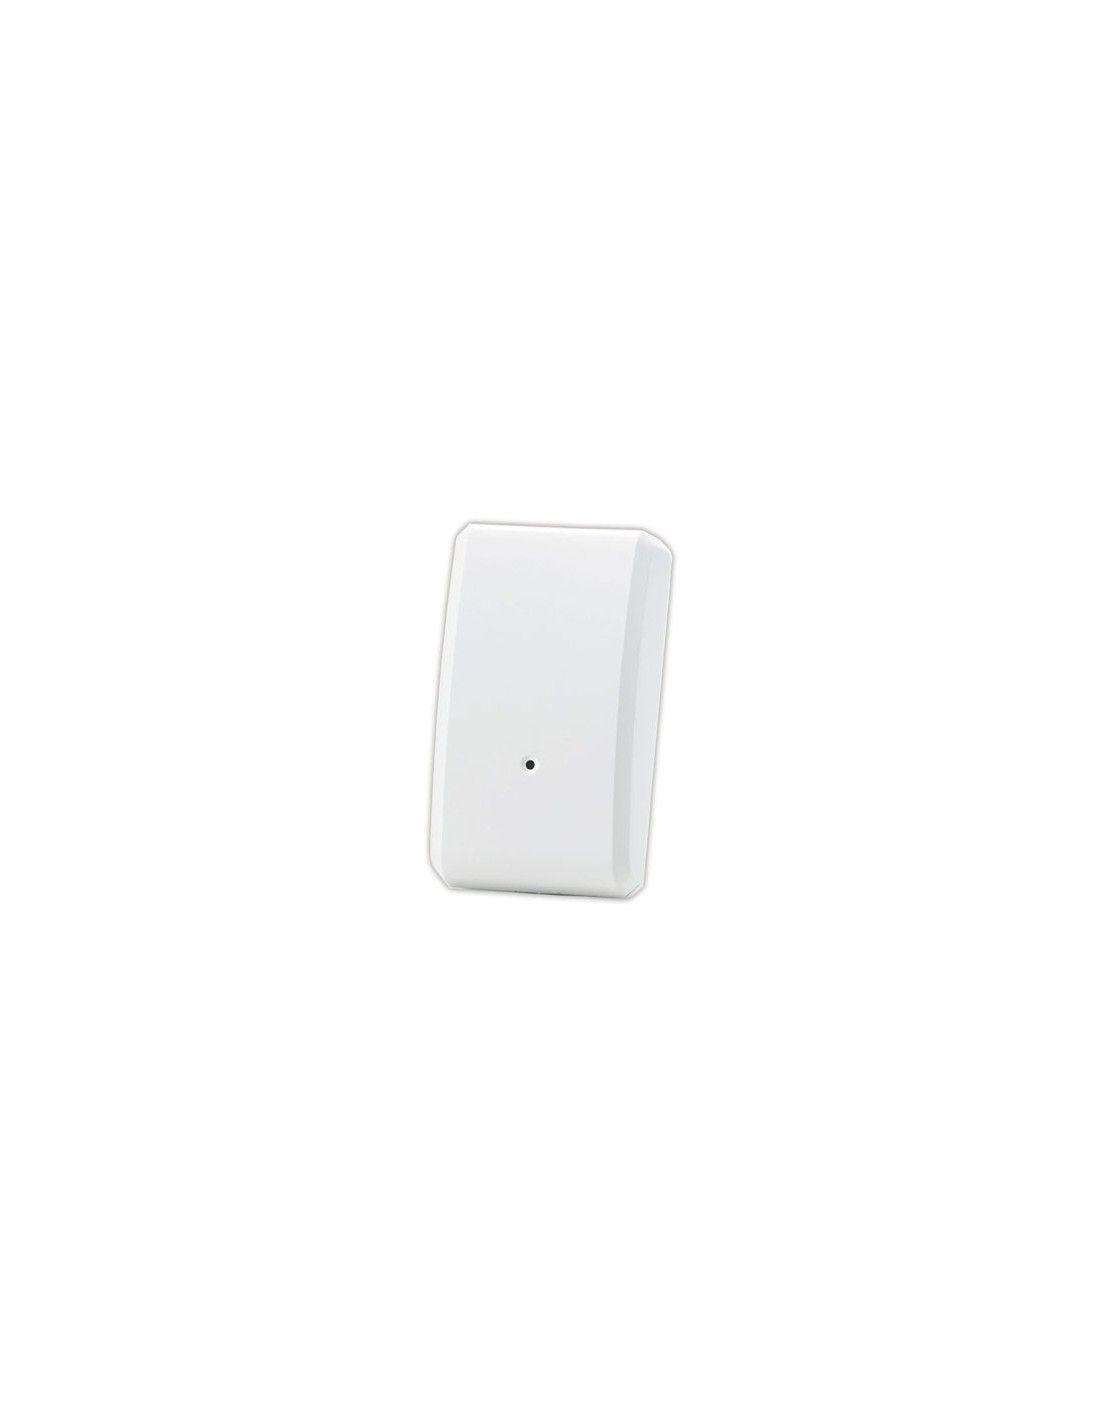 Vision Security Z Wave Garage Door Sensor Zg8101